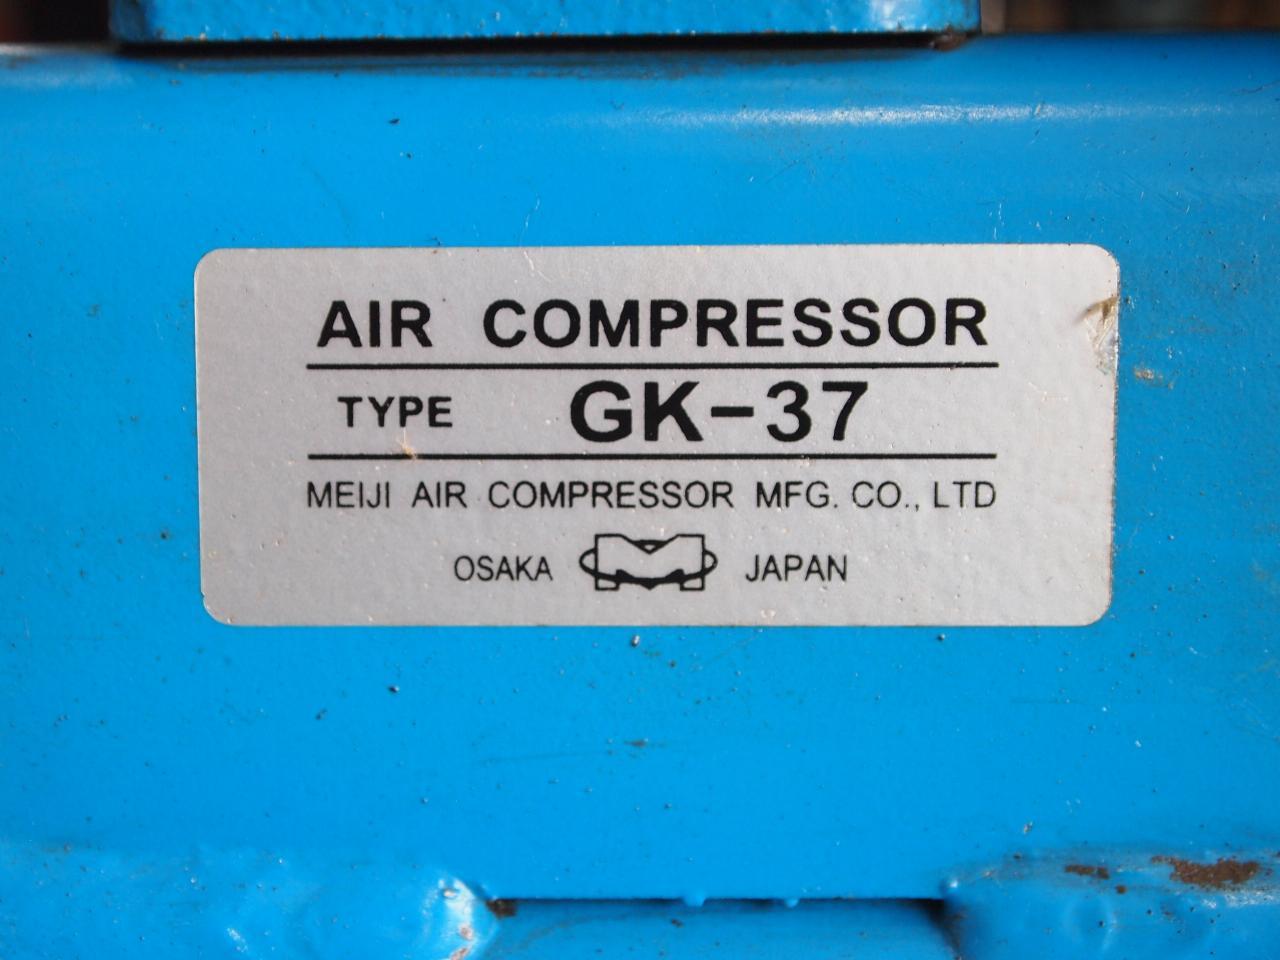 GK-37銘板